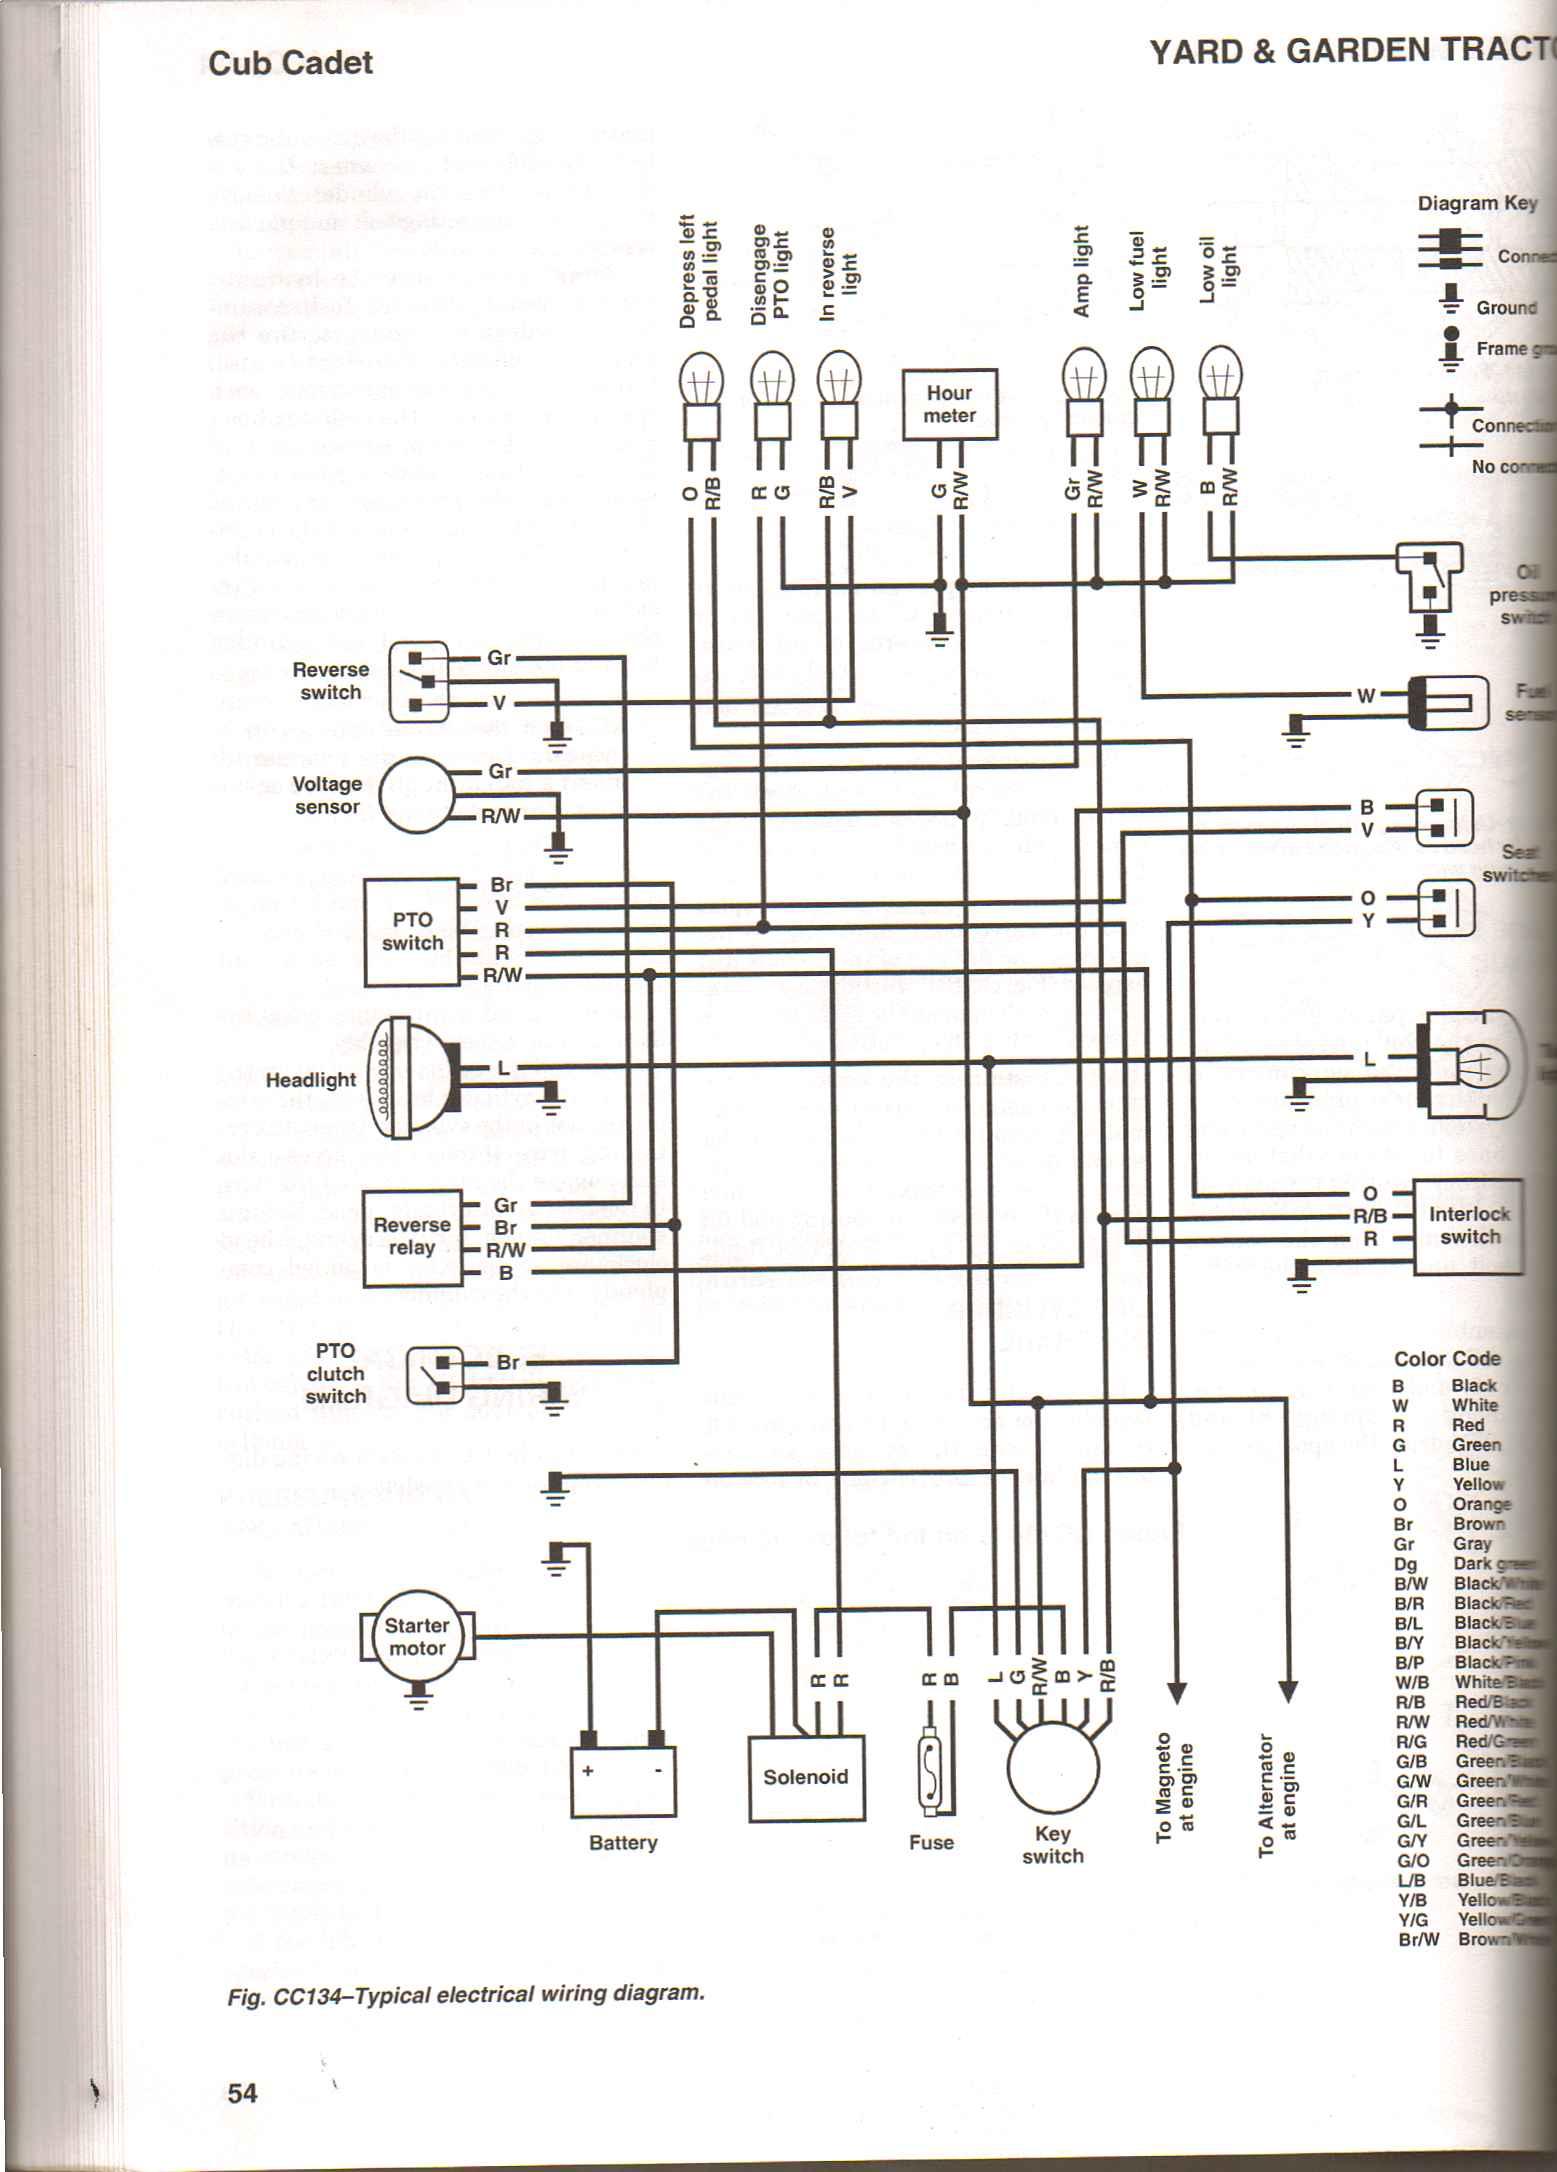 cub cadet super lt 1554 service manual